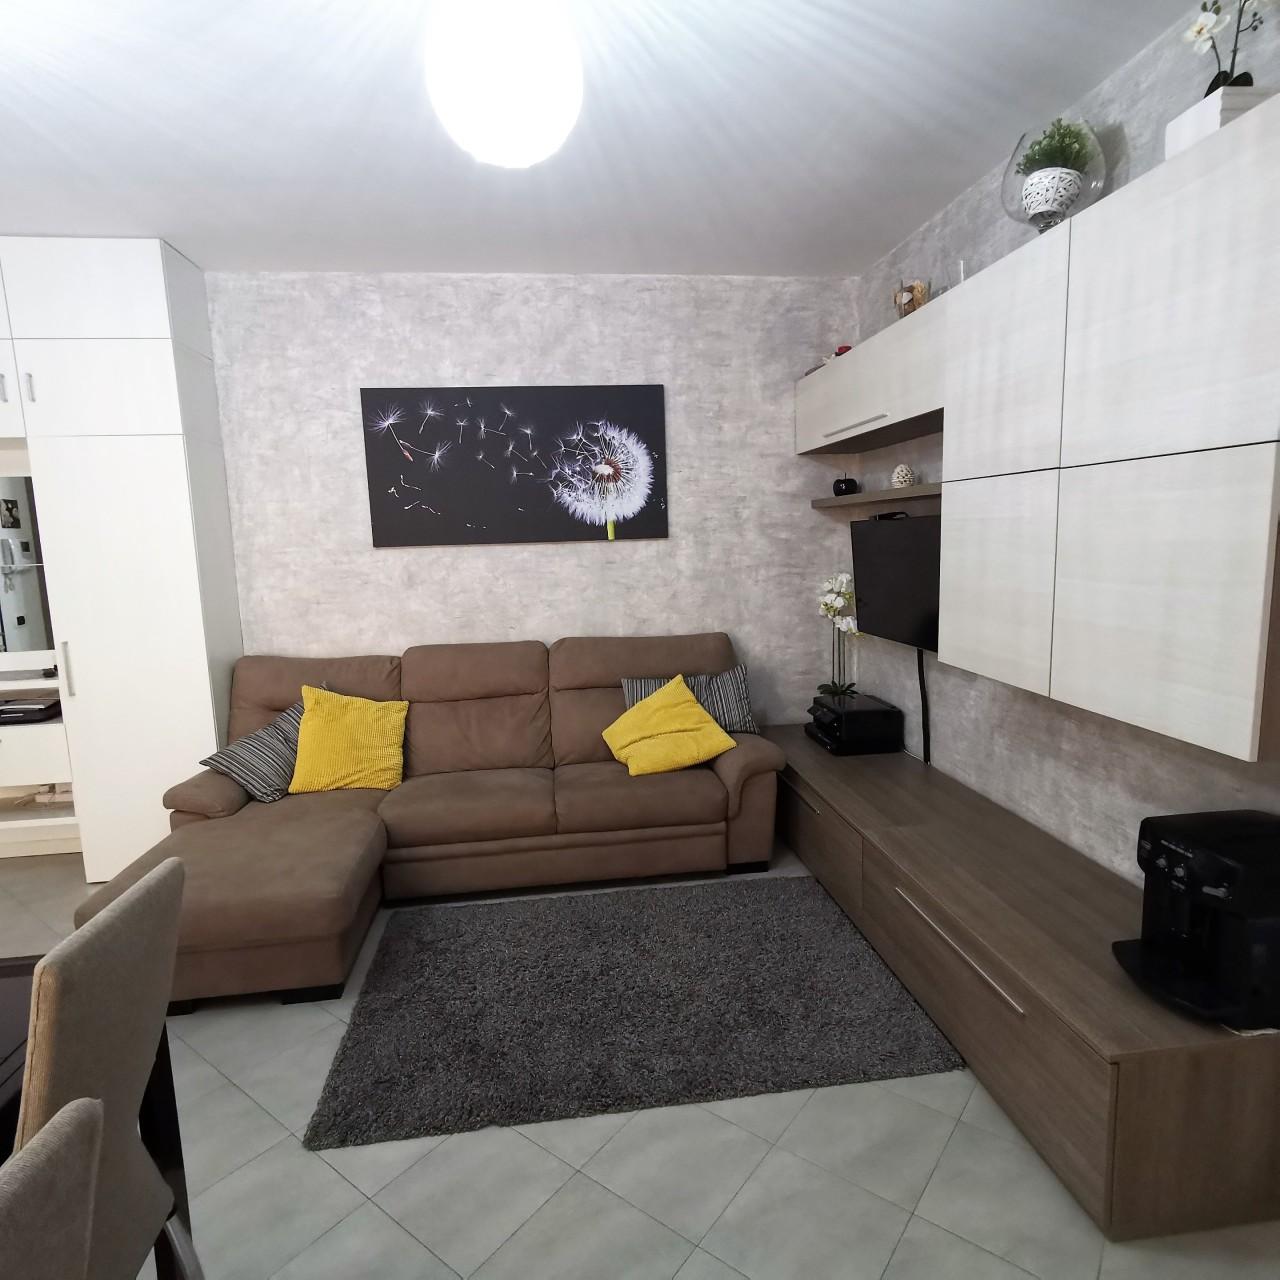 Appartamento in vendita a Baricella, 3 locali, prezzo € 119.000 | CambioCasa.it